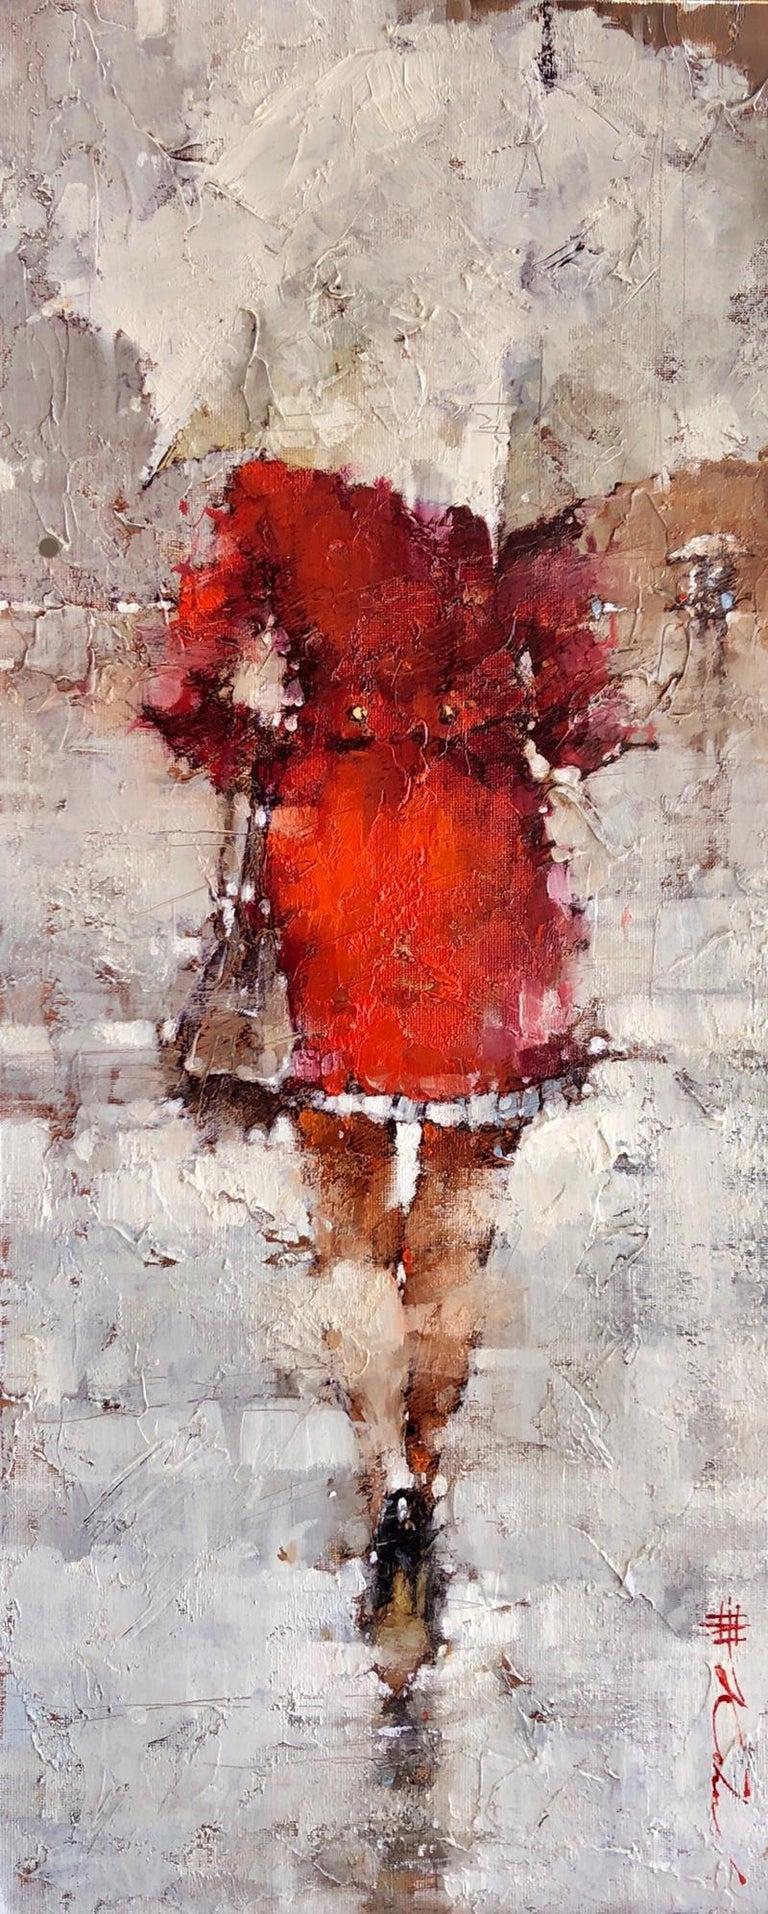 """Andre Kohn  Figurative Painting - Original Oil Painting Woman in Red White Umbrella Framed """"November Sprinkles"""""""